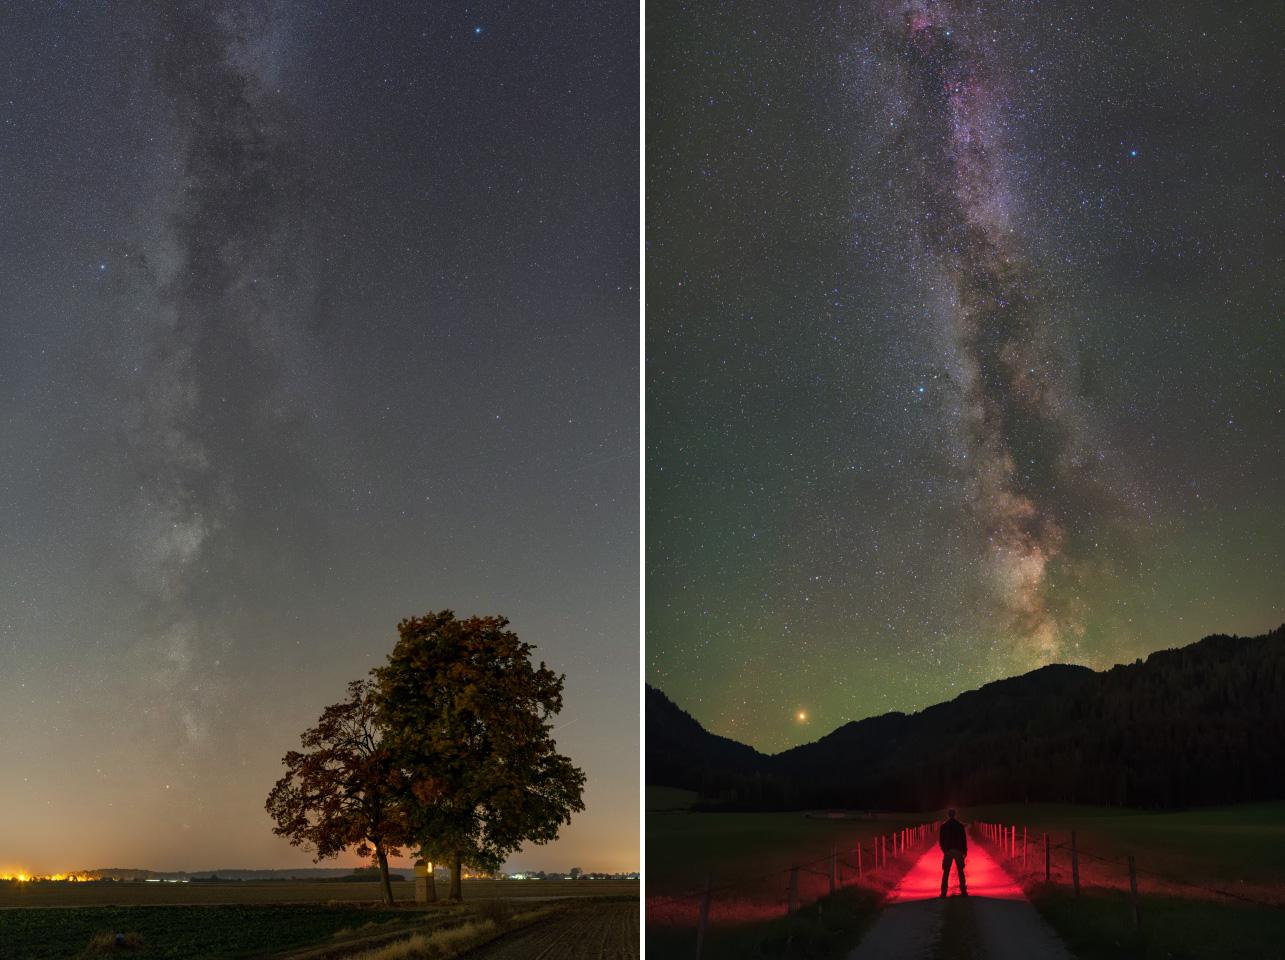 Droga Mleczna sfotografowana wmiejscu odużym zanieczyszczeniu światłem iwgórach przy ciemnym niebie.